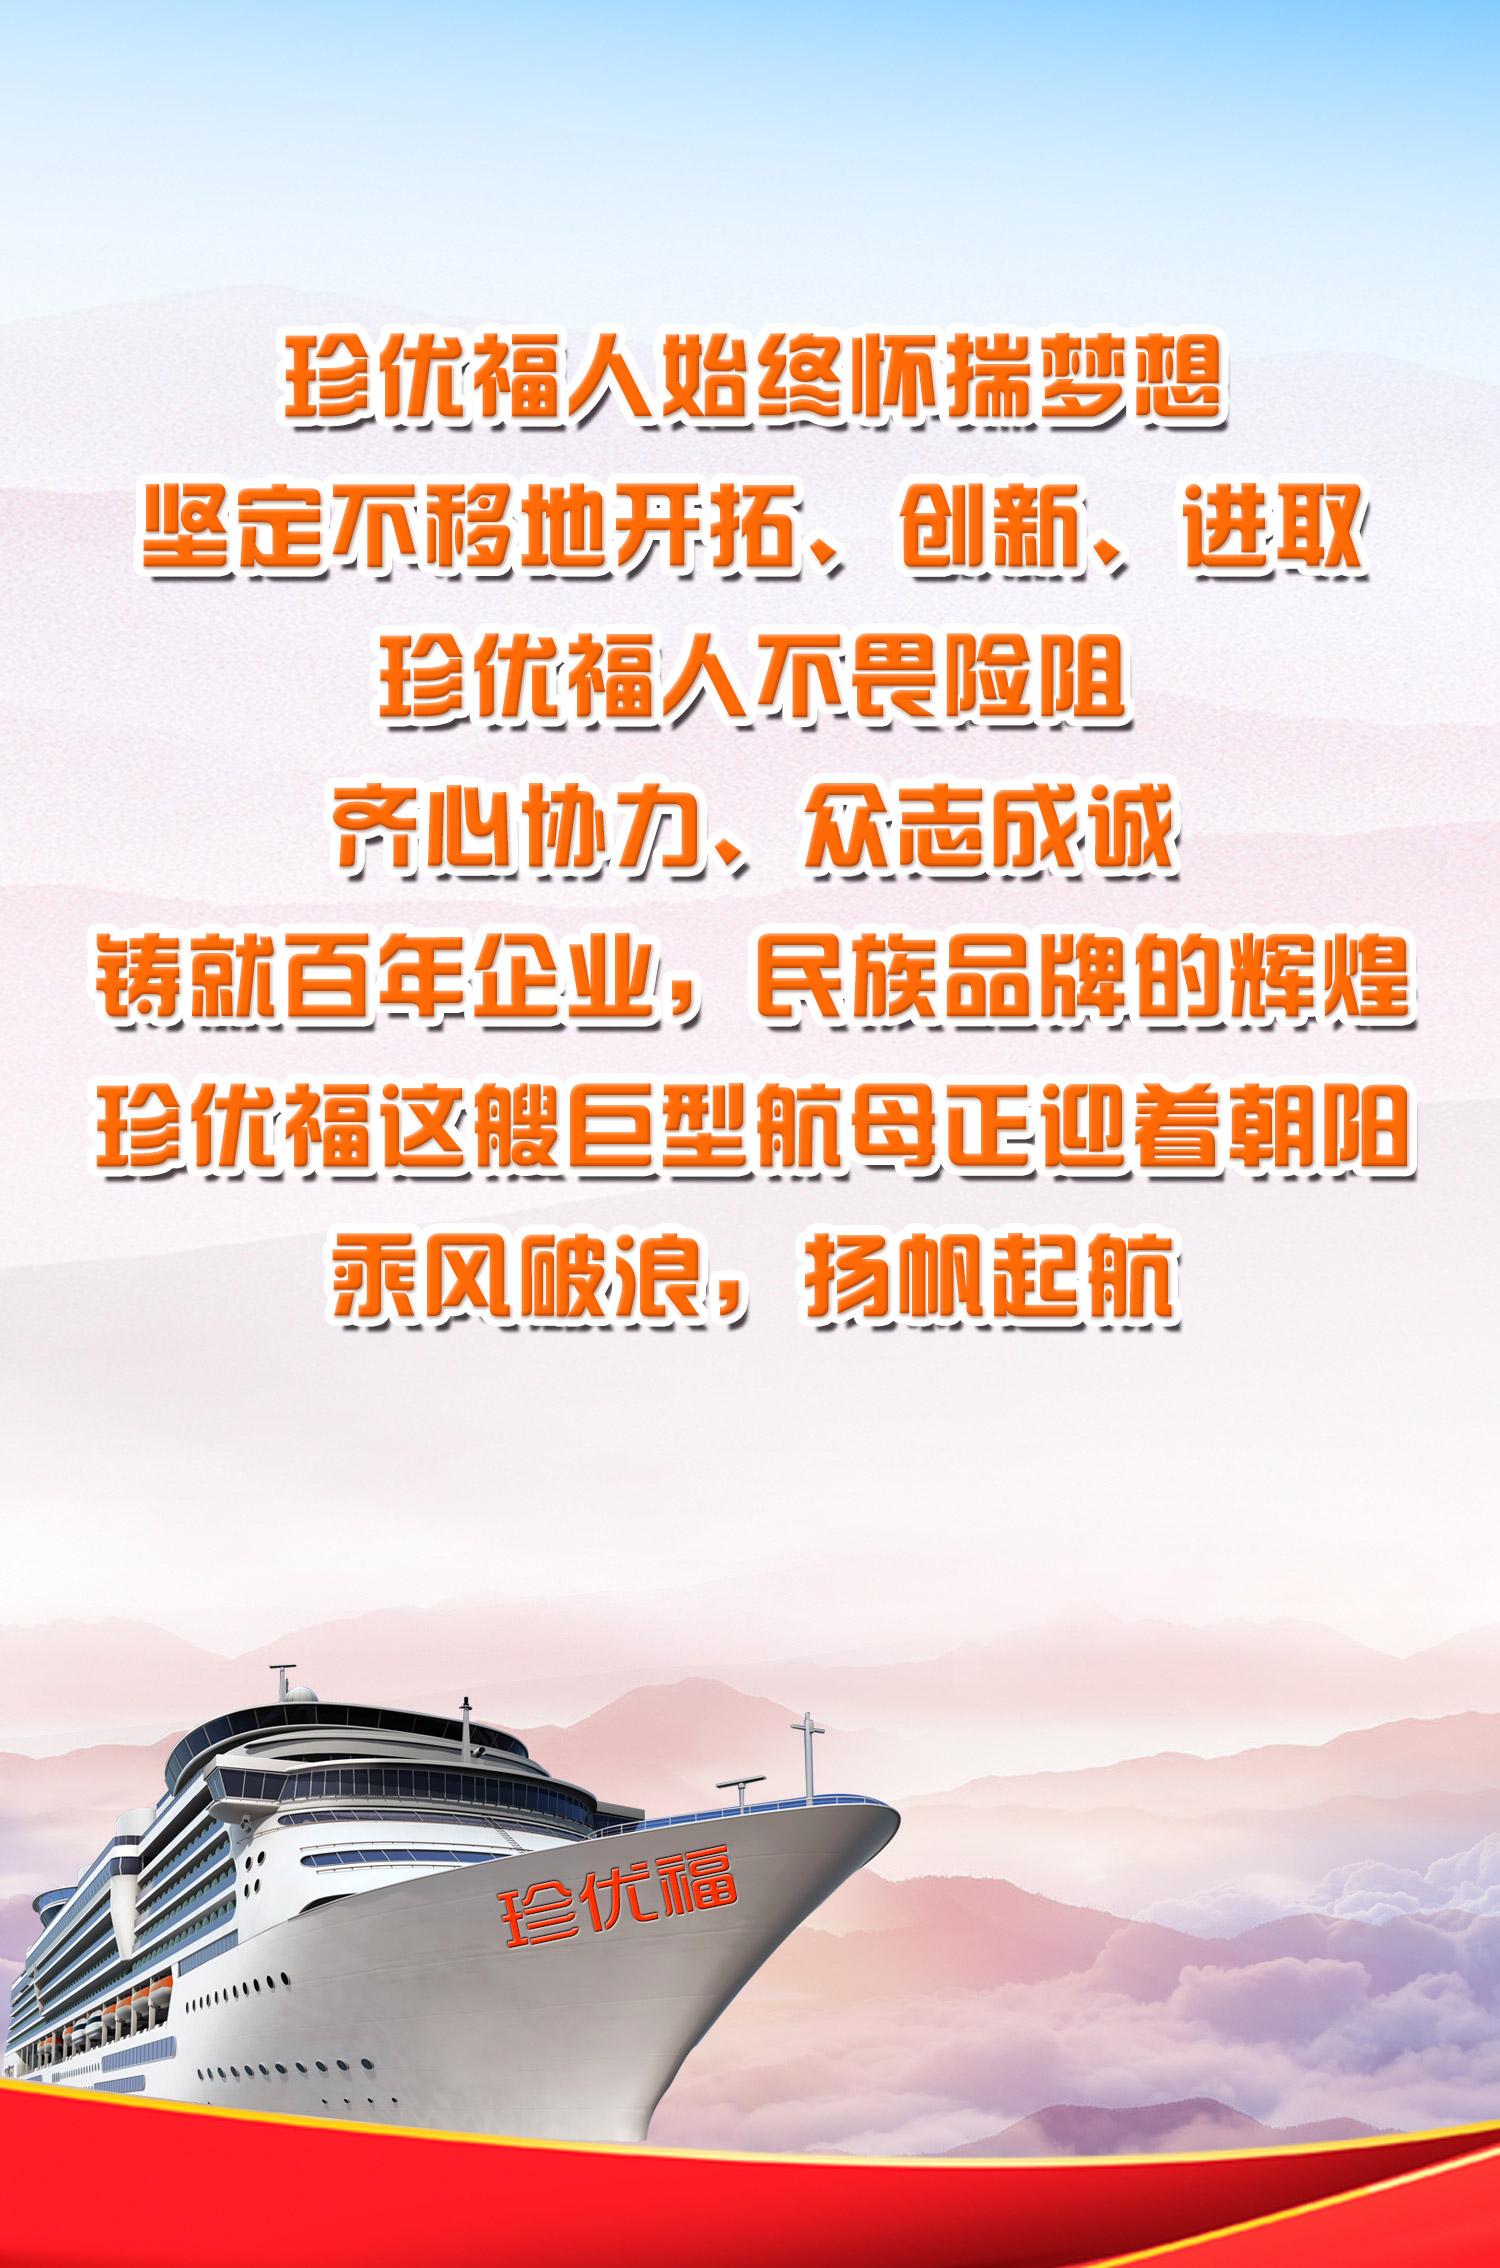 http://image.zhenyoufu.com.cn/shop/article/06711082990934128.jpg